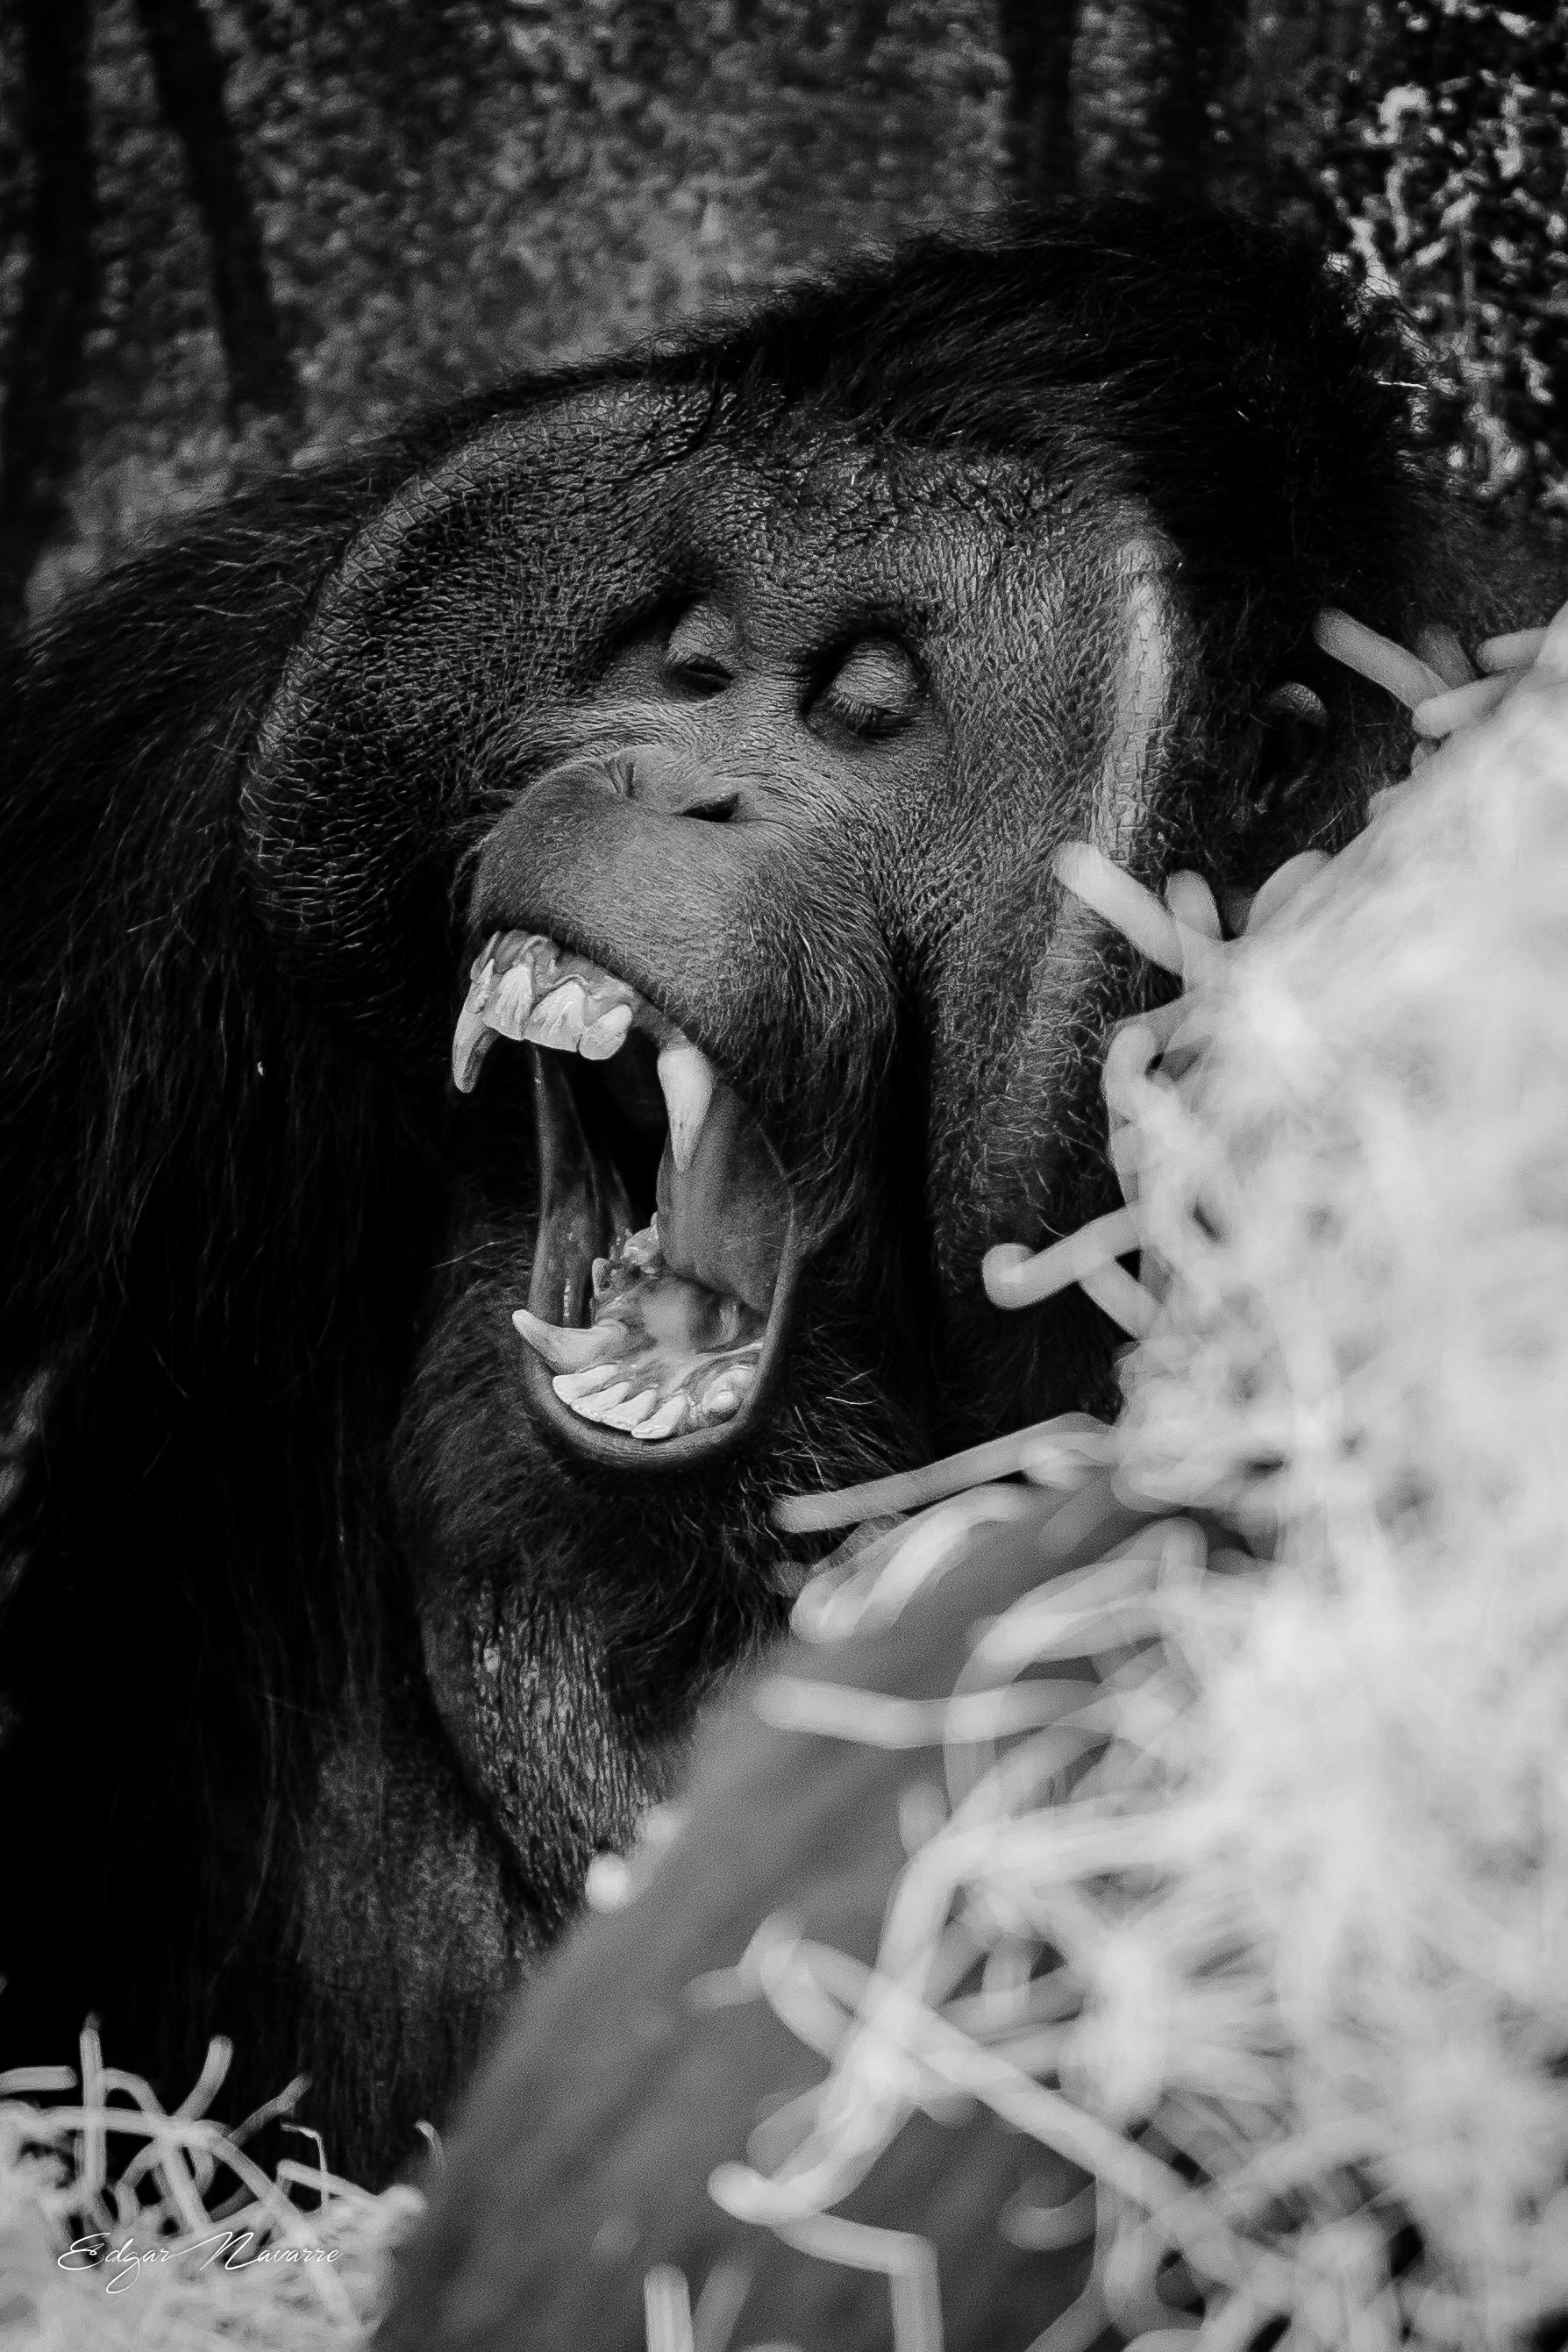 Yelling orangutan